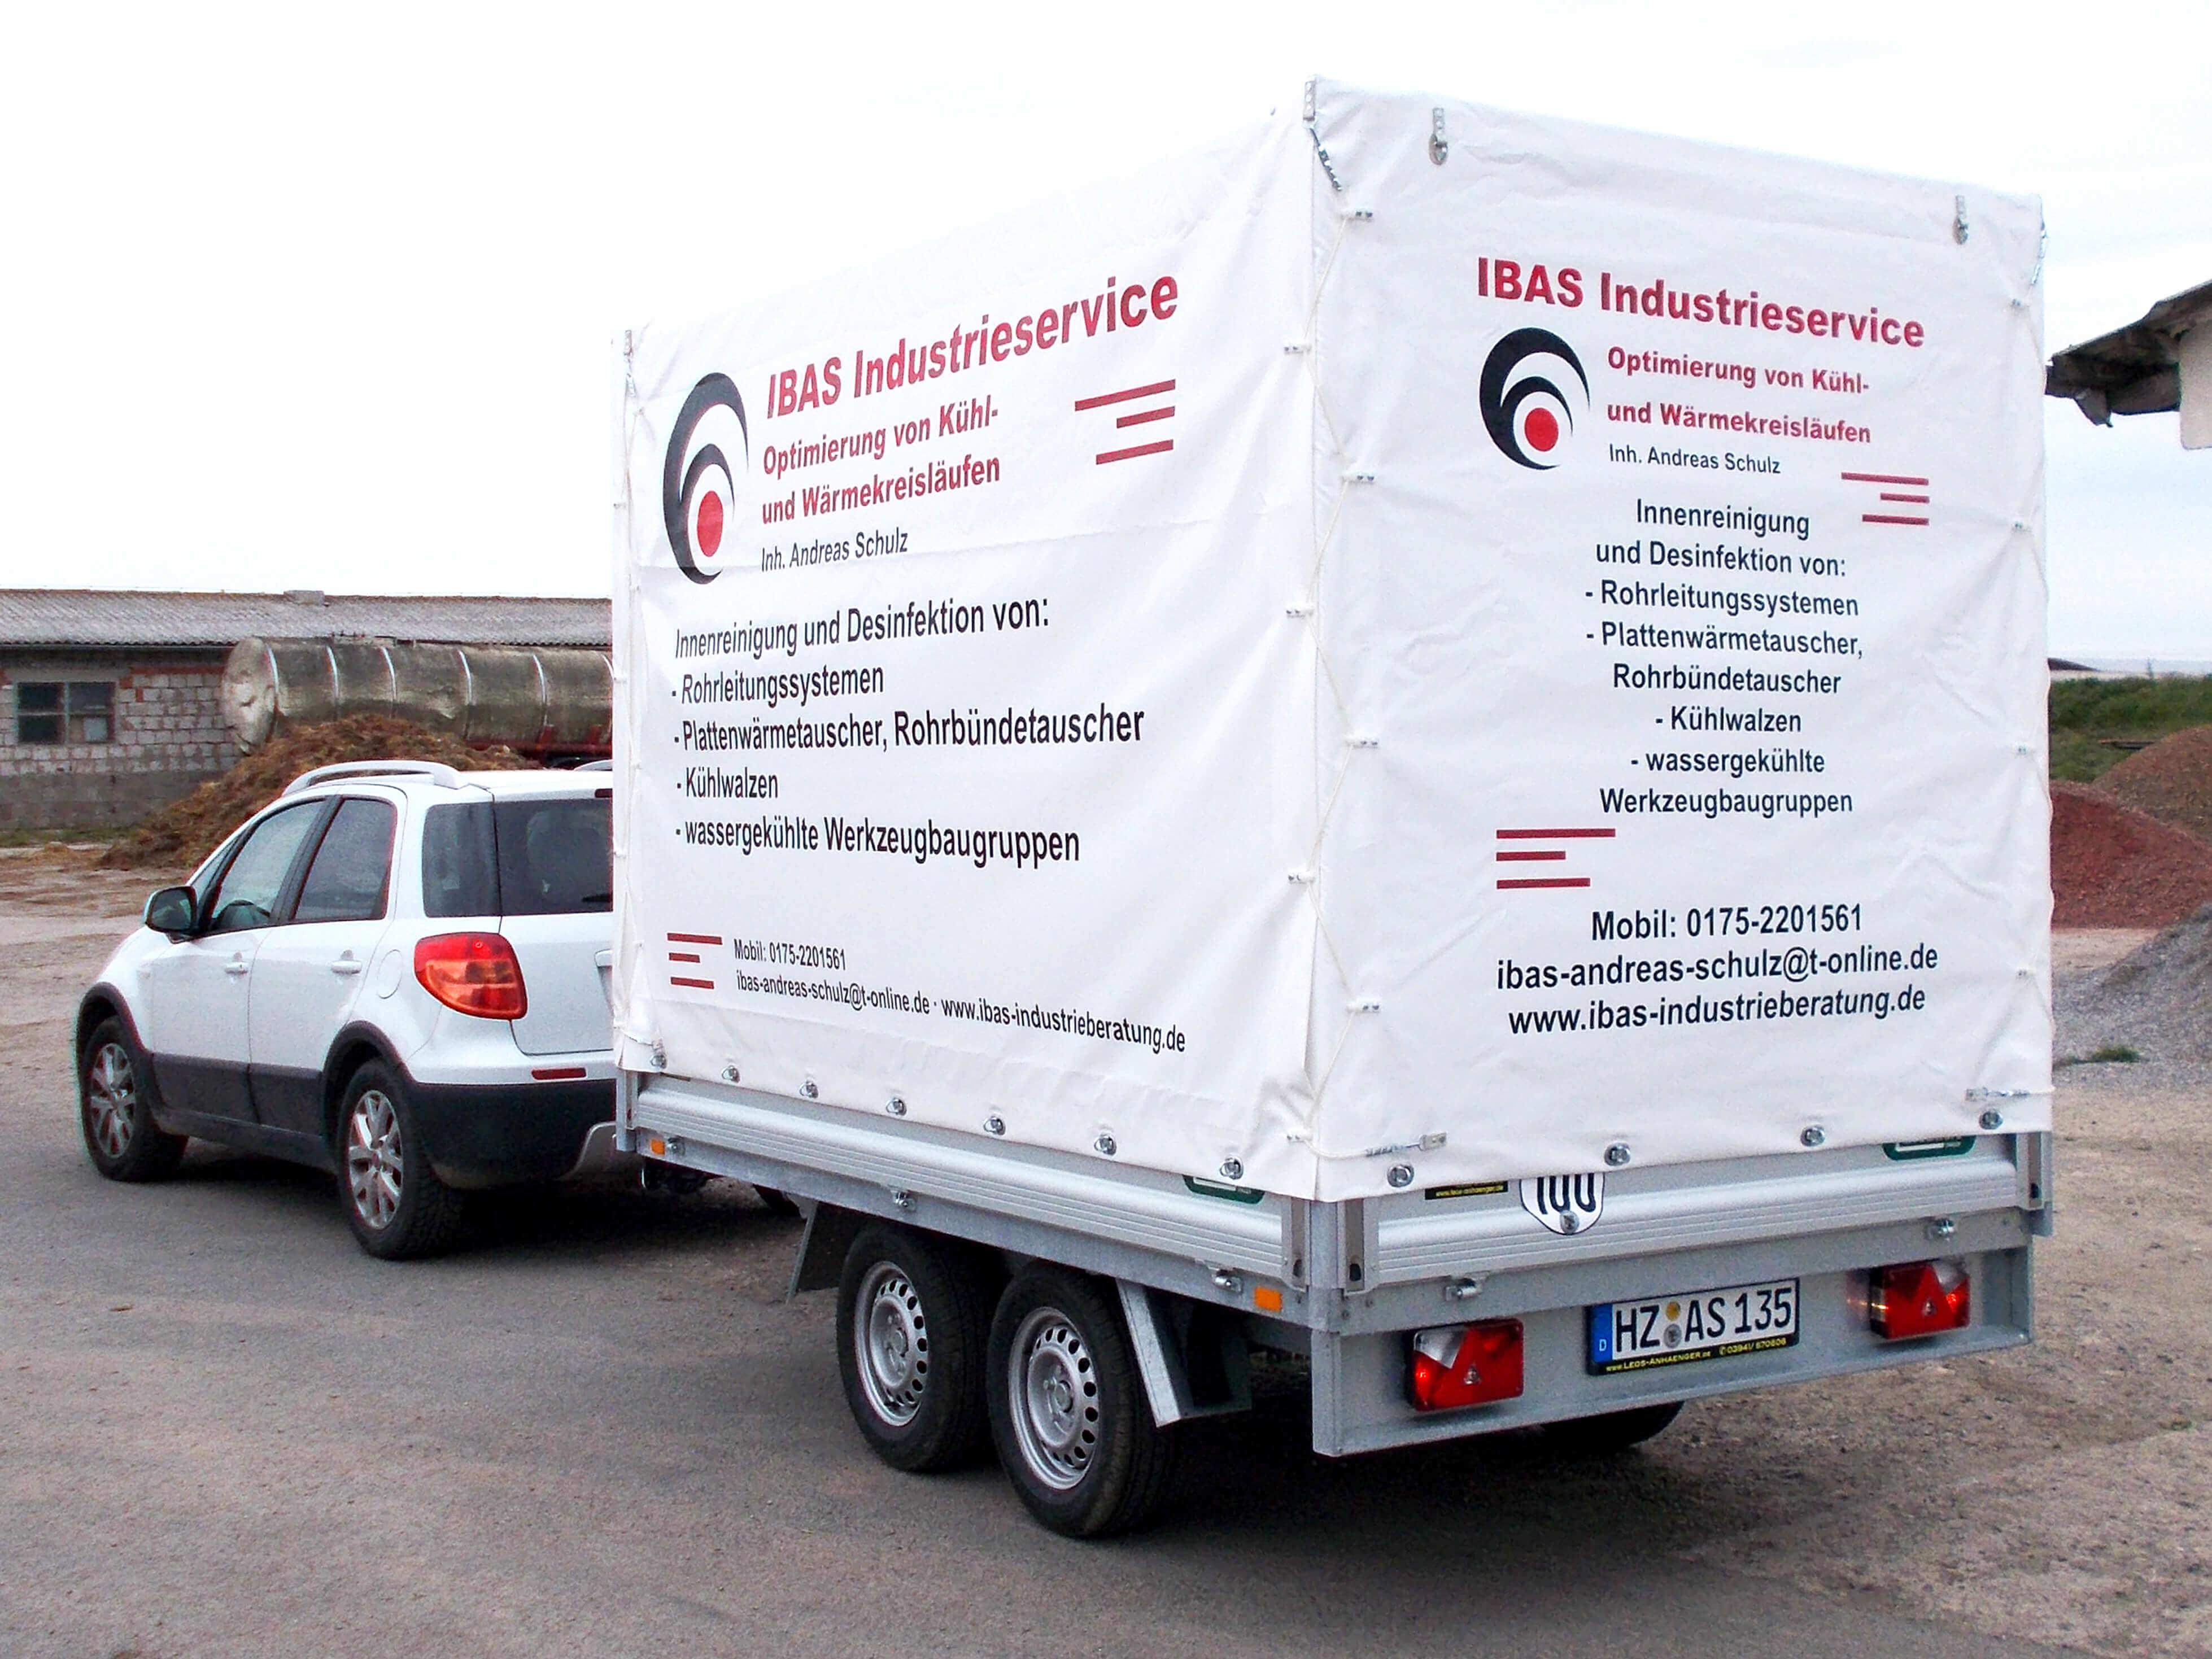 Andreas Schulz für Sie unterwegs | IBAS Industrieberatung Andreas Schulz